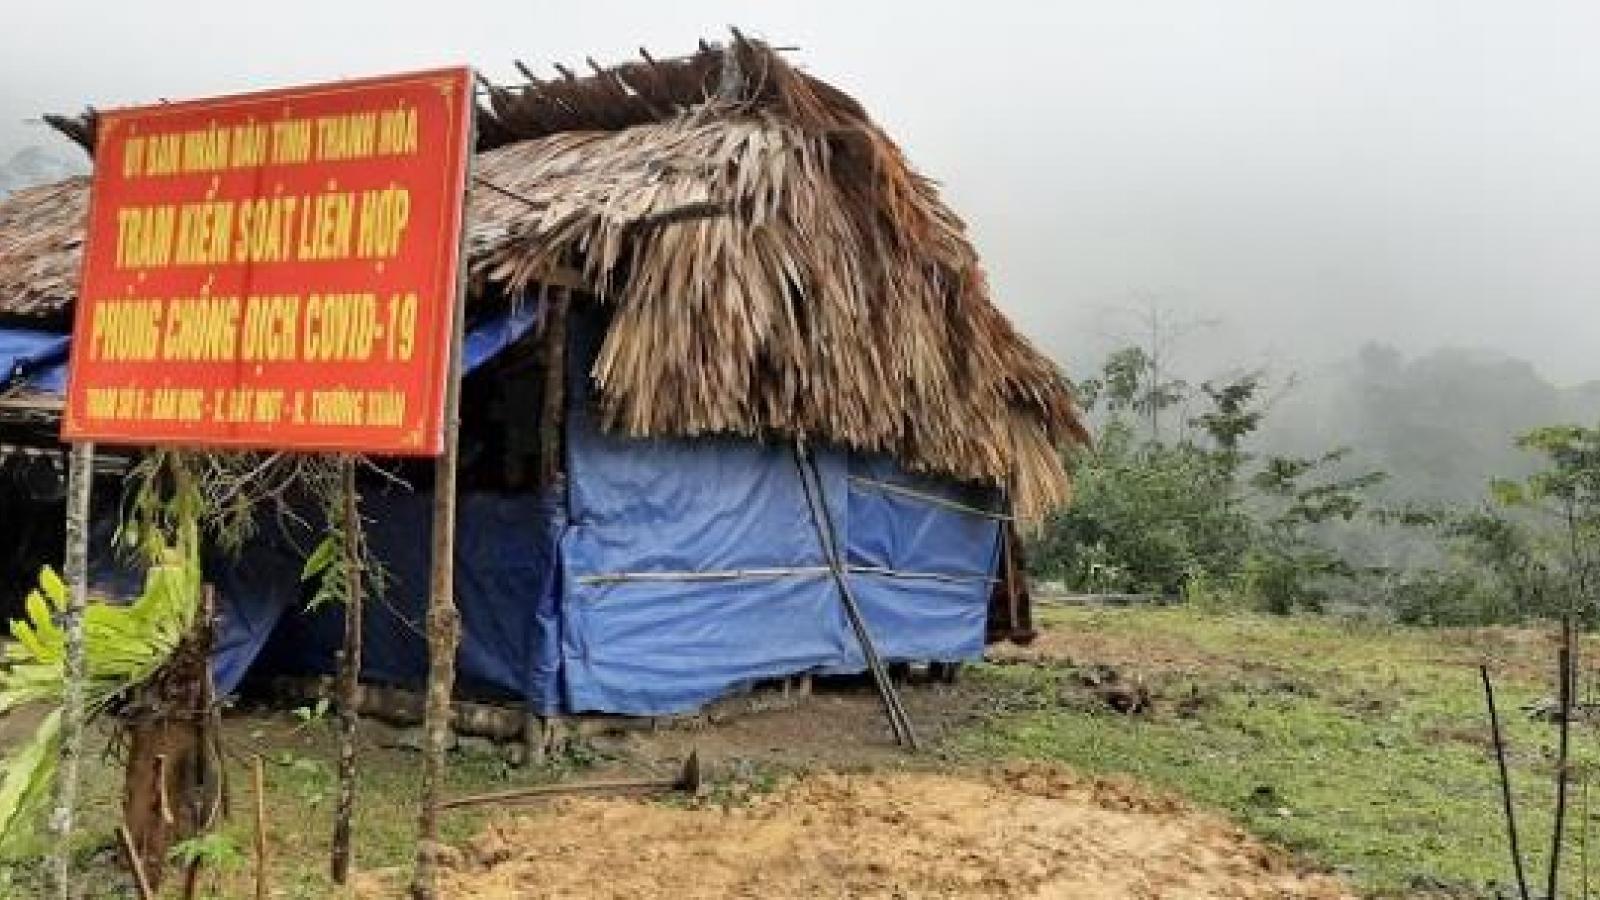 Nhập cảnh trái phép từ Lào về, một phụ nữ bị phạt 5 triệu đồng